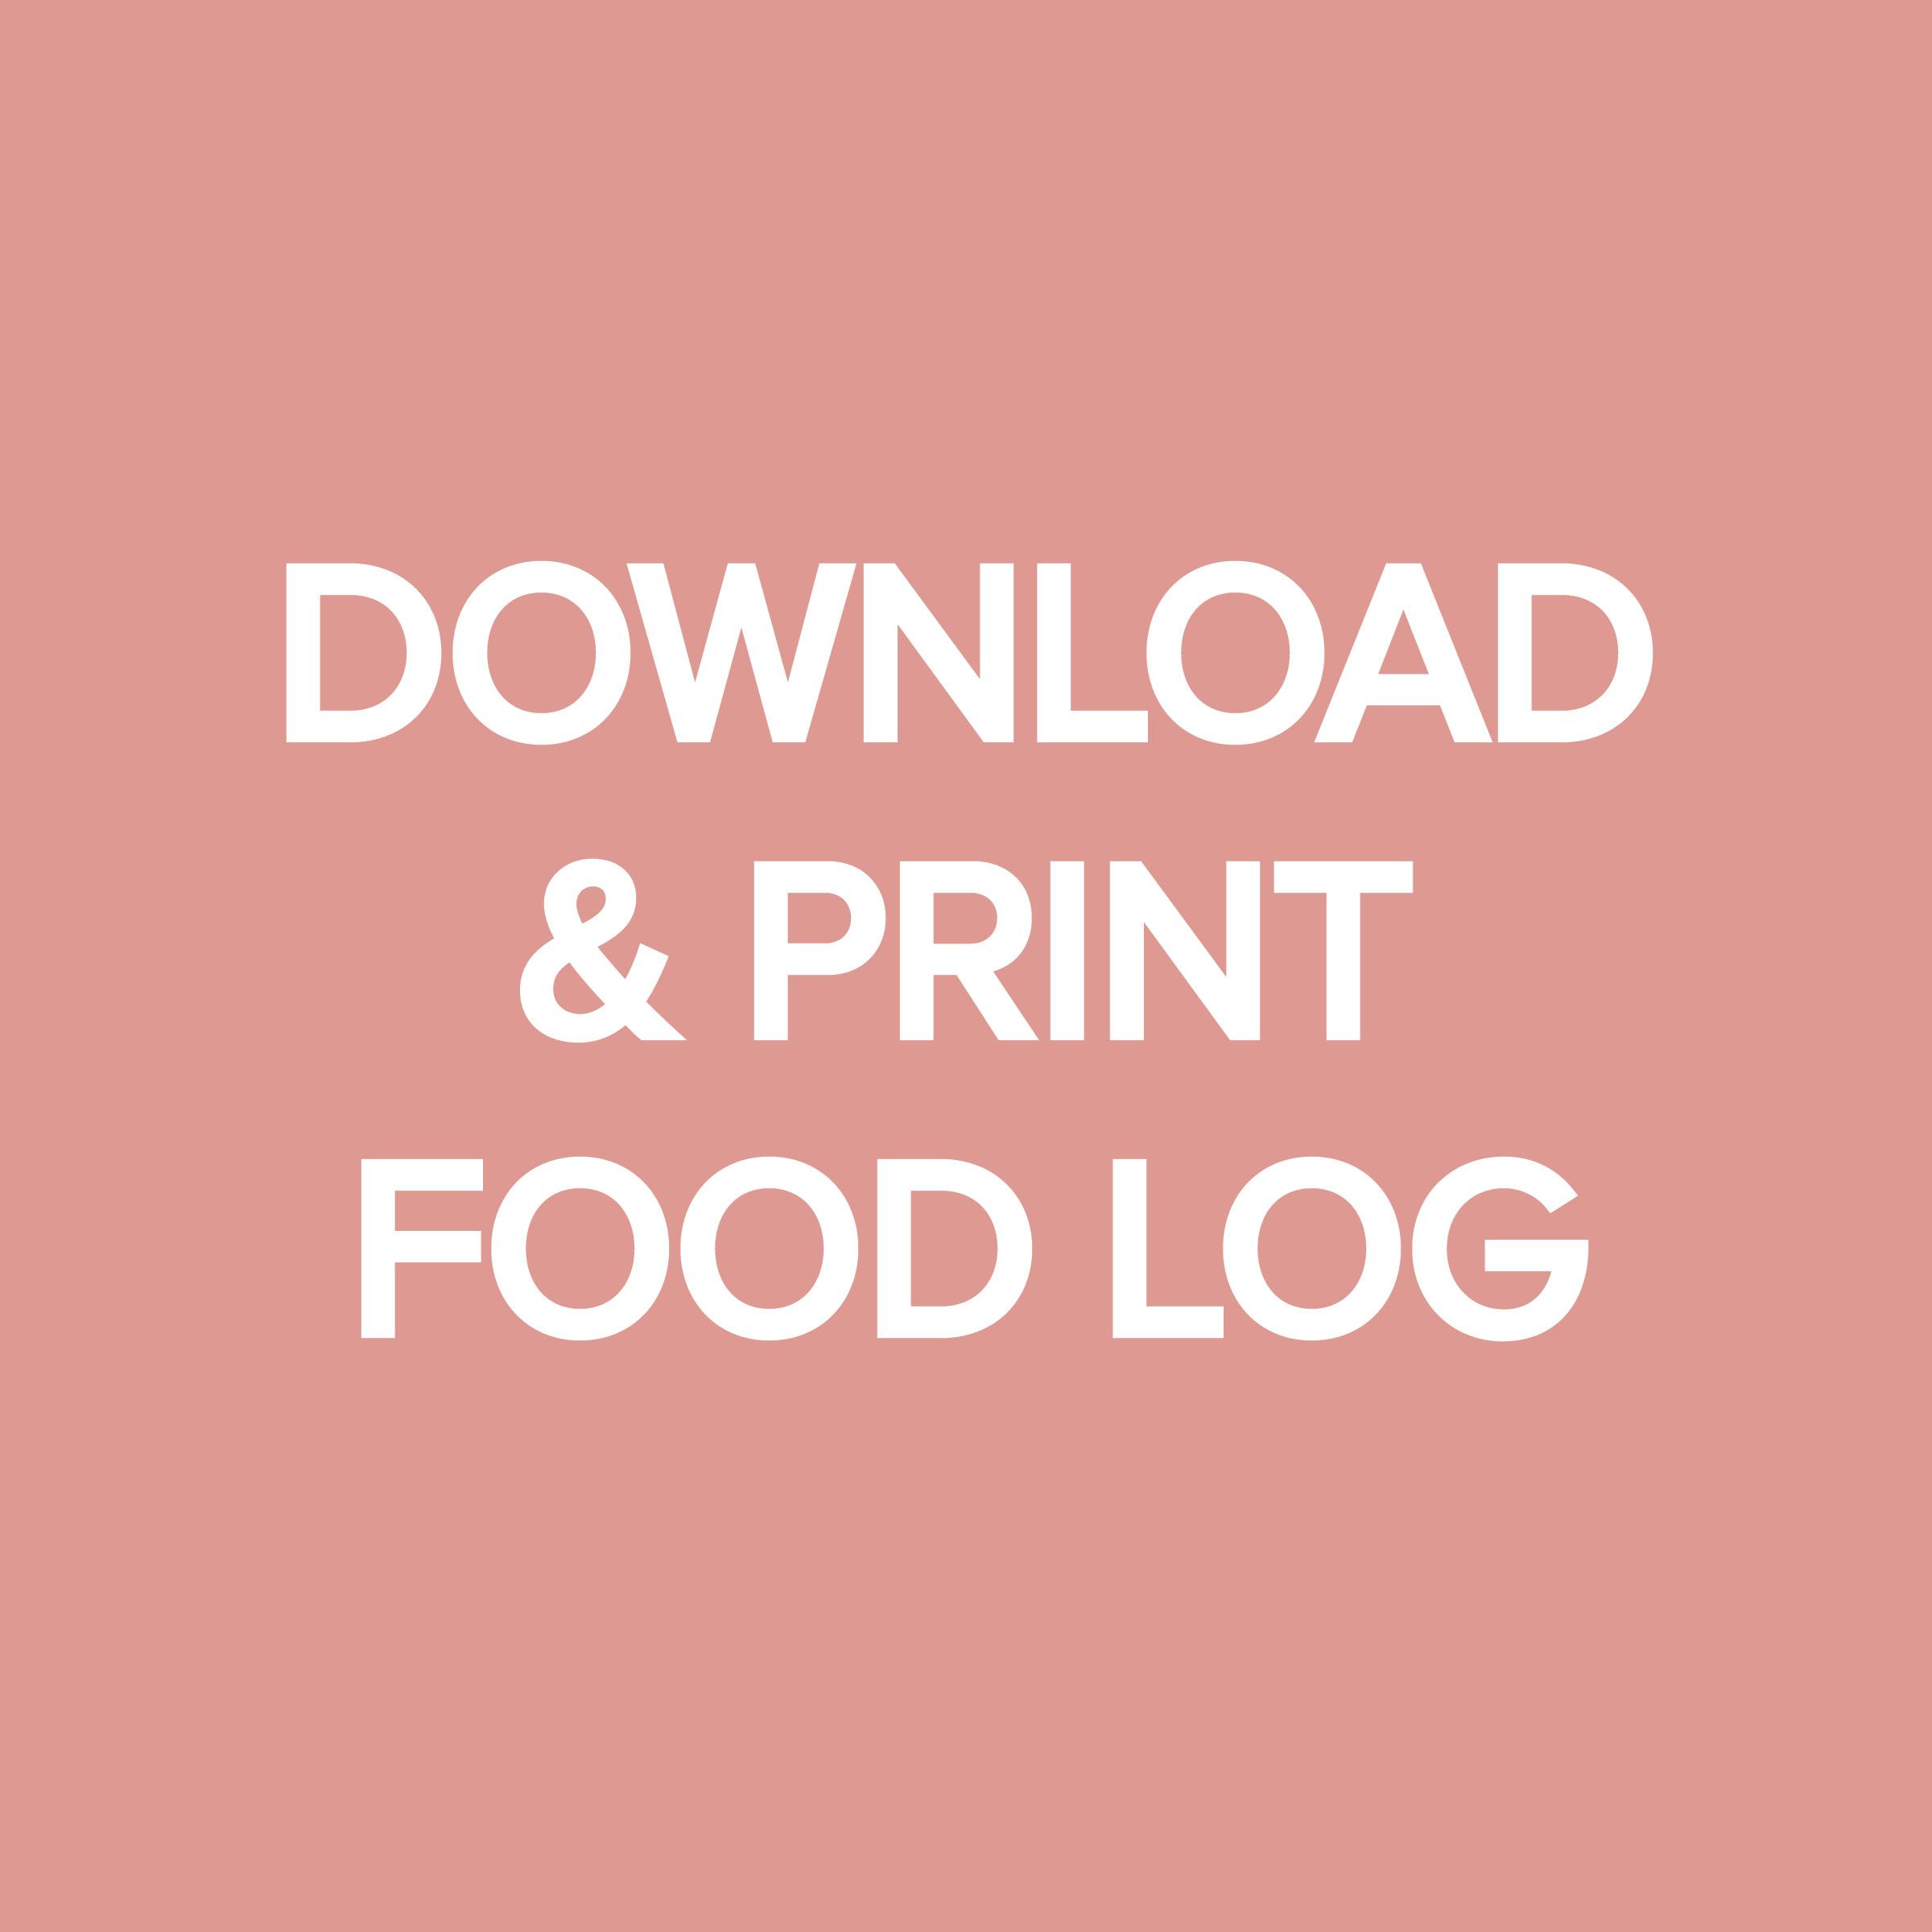 foodlog.jpg